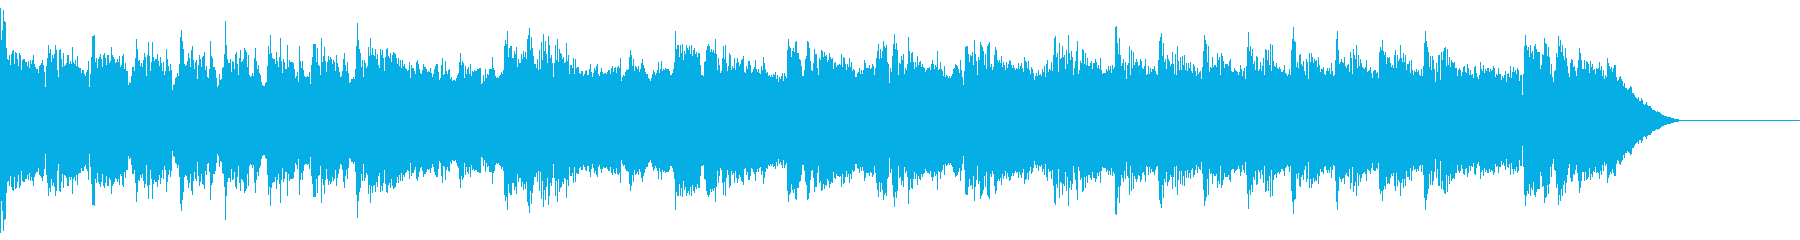 ゲーム:ピコピコしている音の再生済みの波形